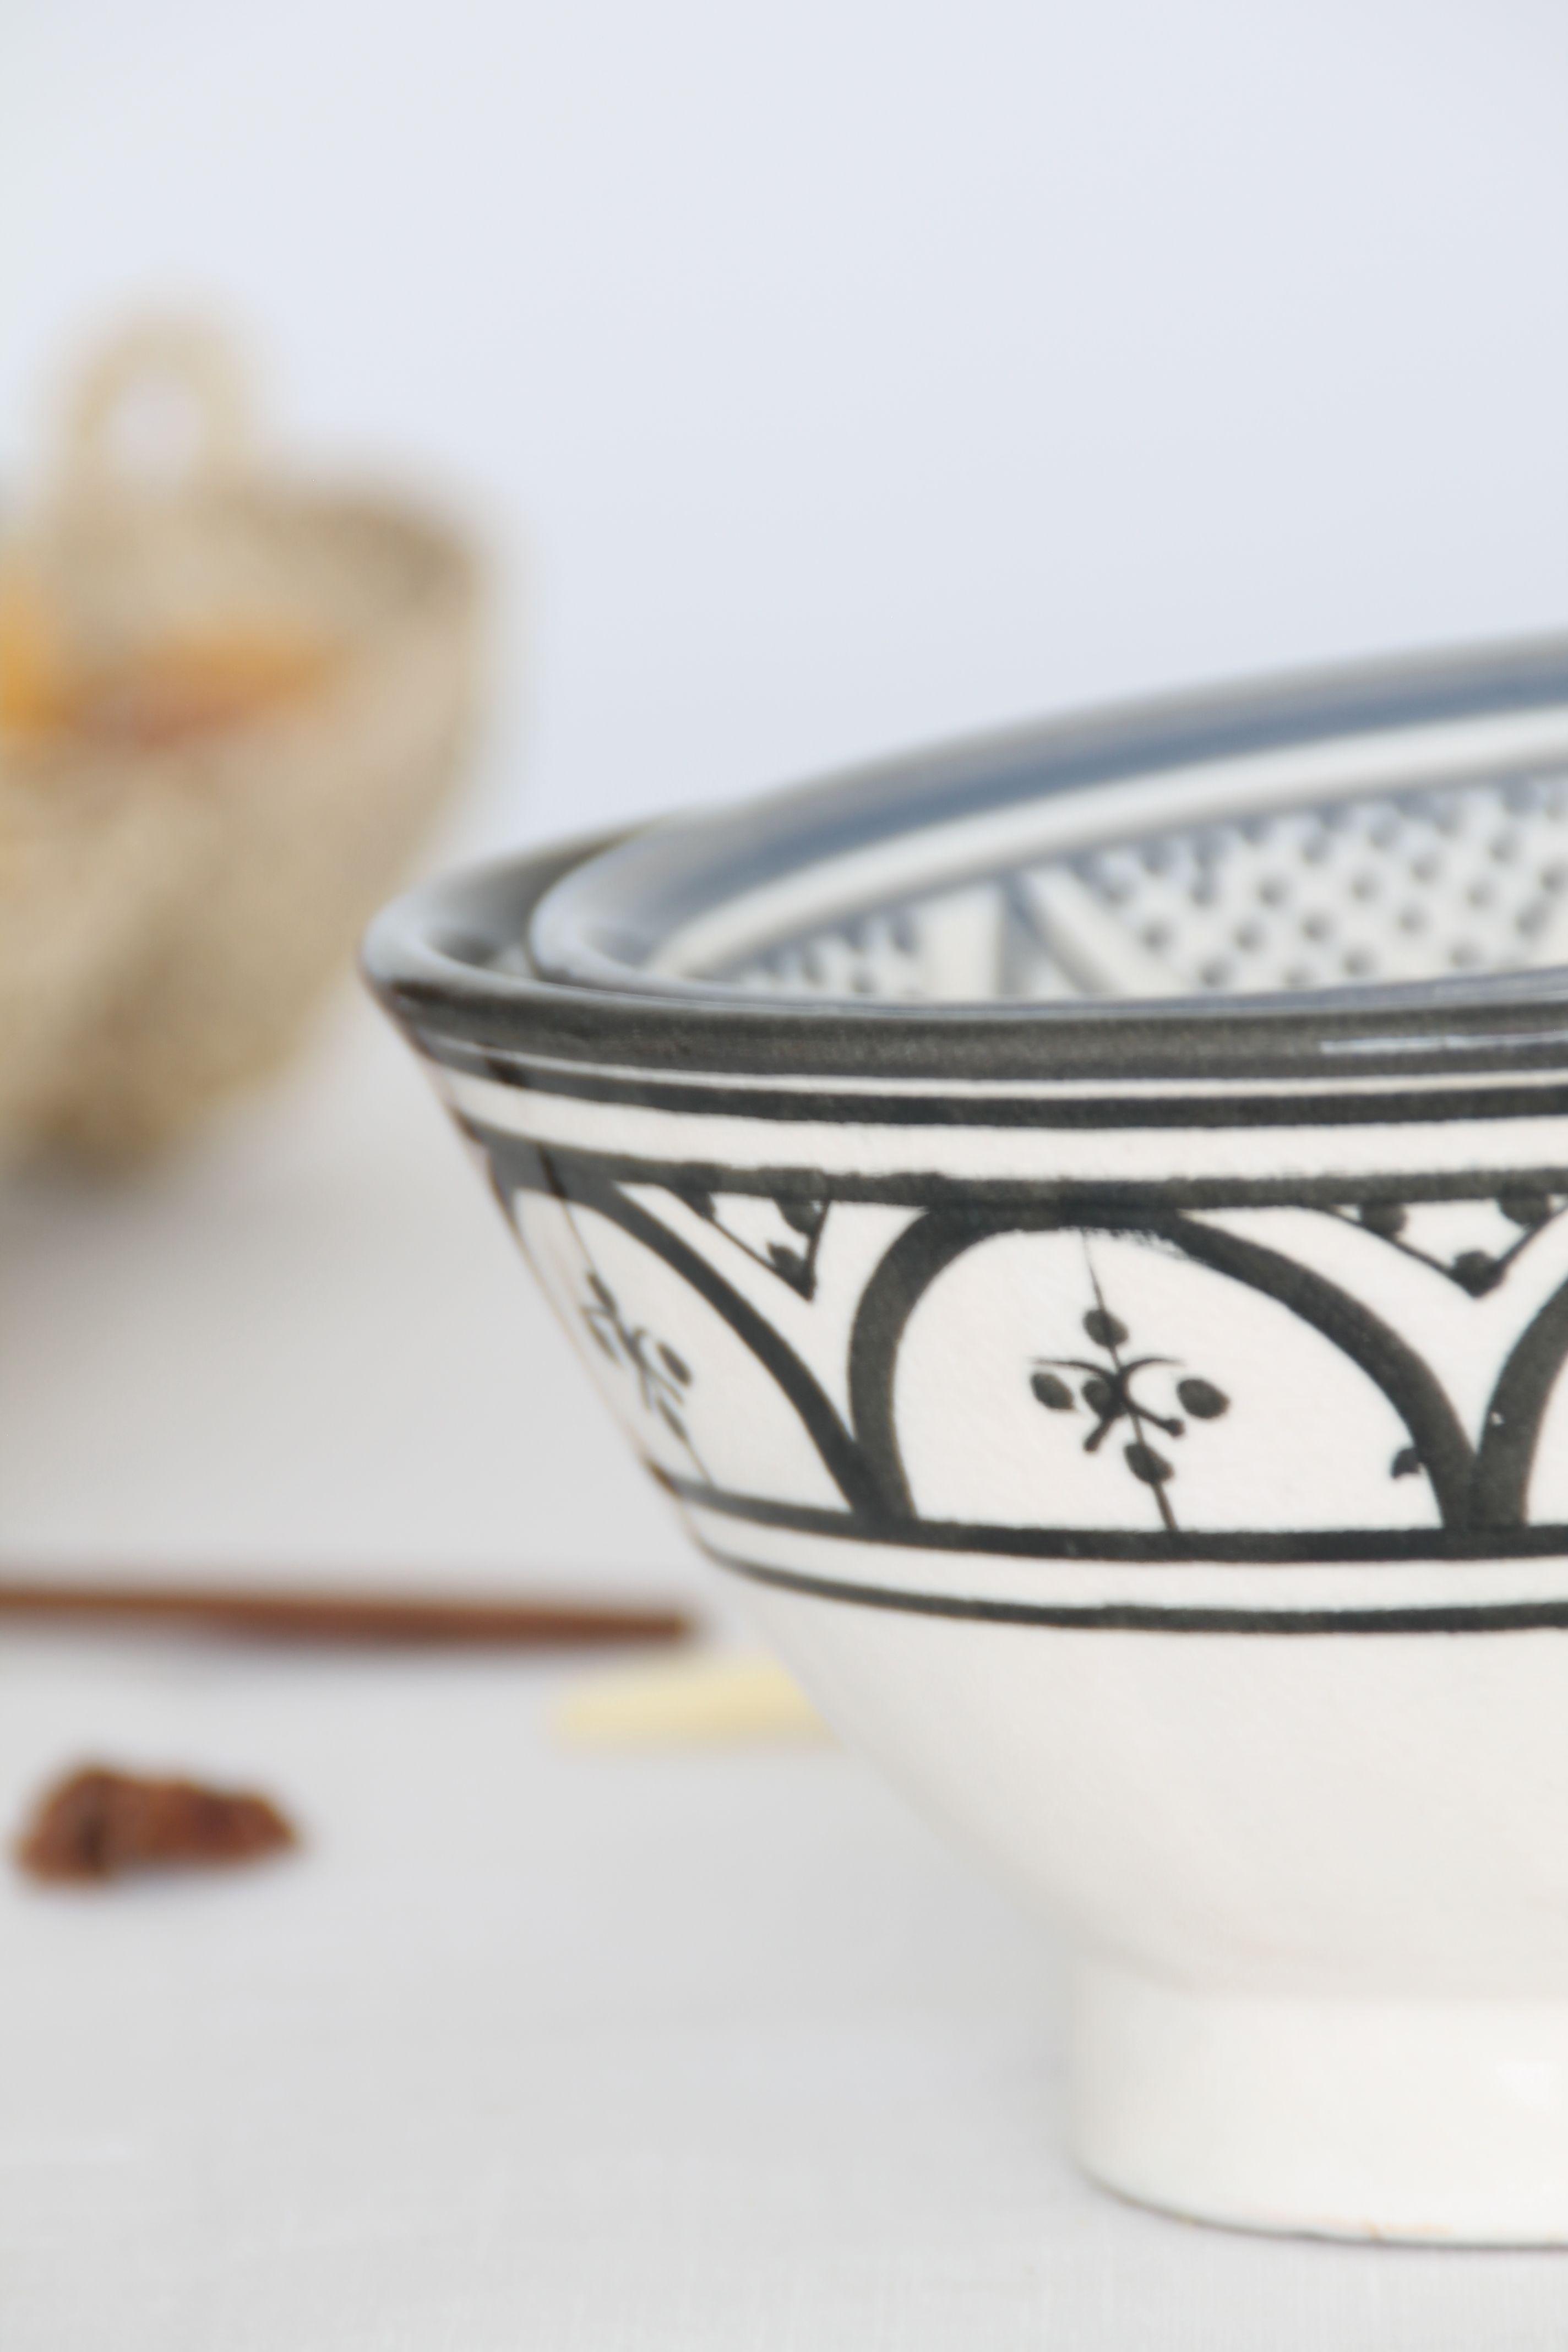 boles de cerámica hechos a mano blancos y negros con diseño geométrico. dar amïna shop. inspiración noretnic